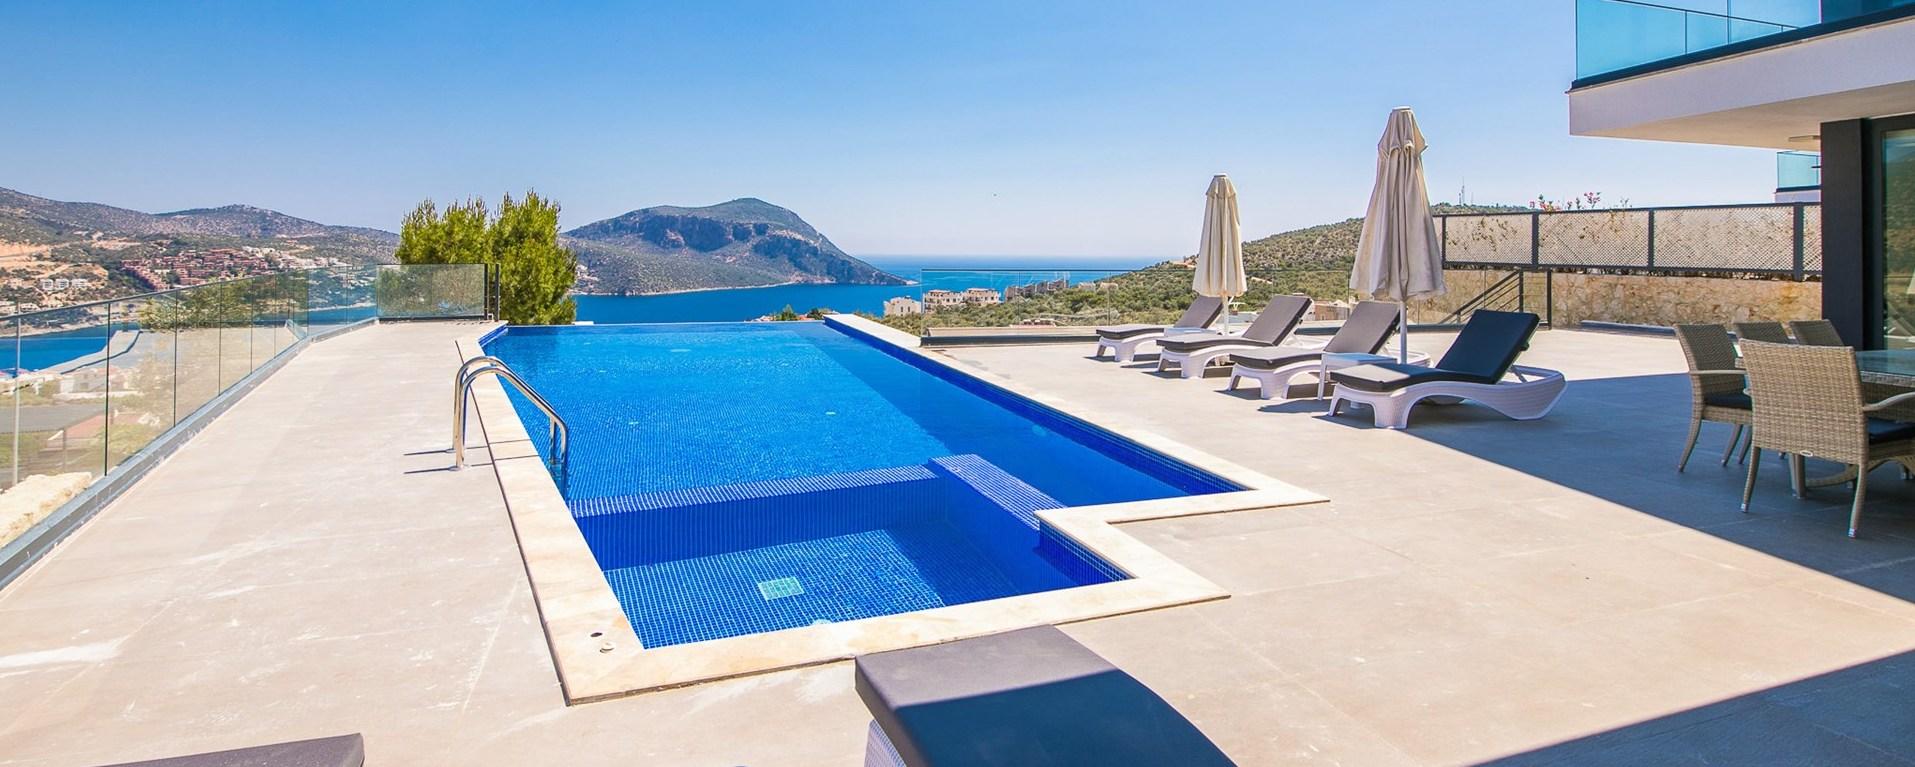 villa-infinity-pool-and-sea-views